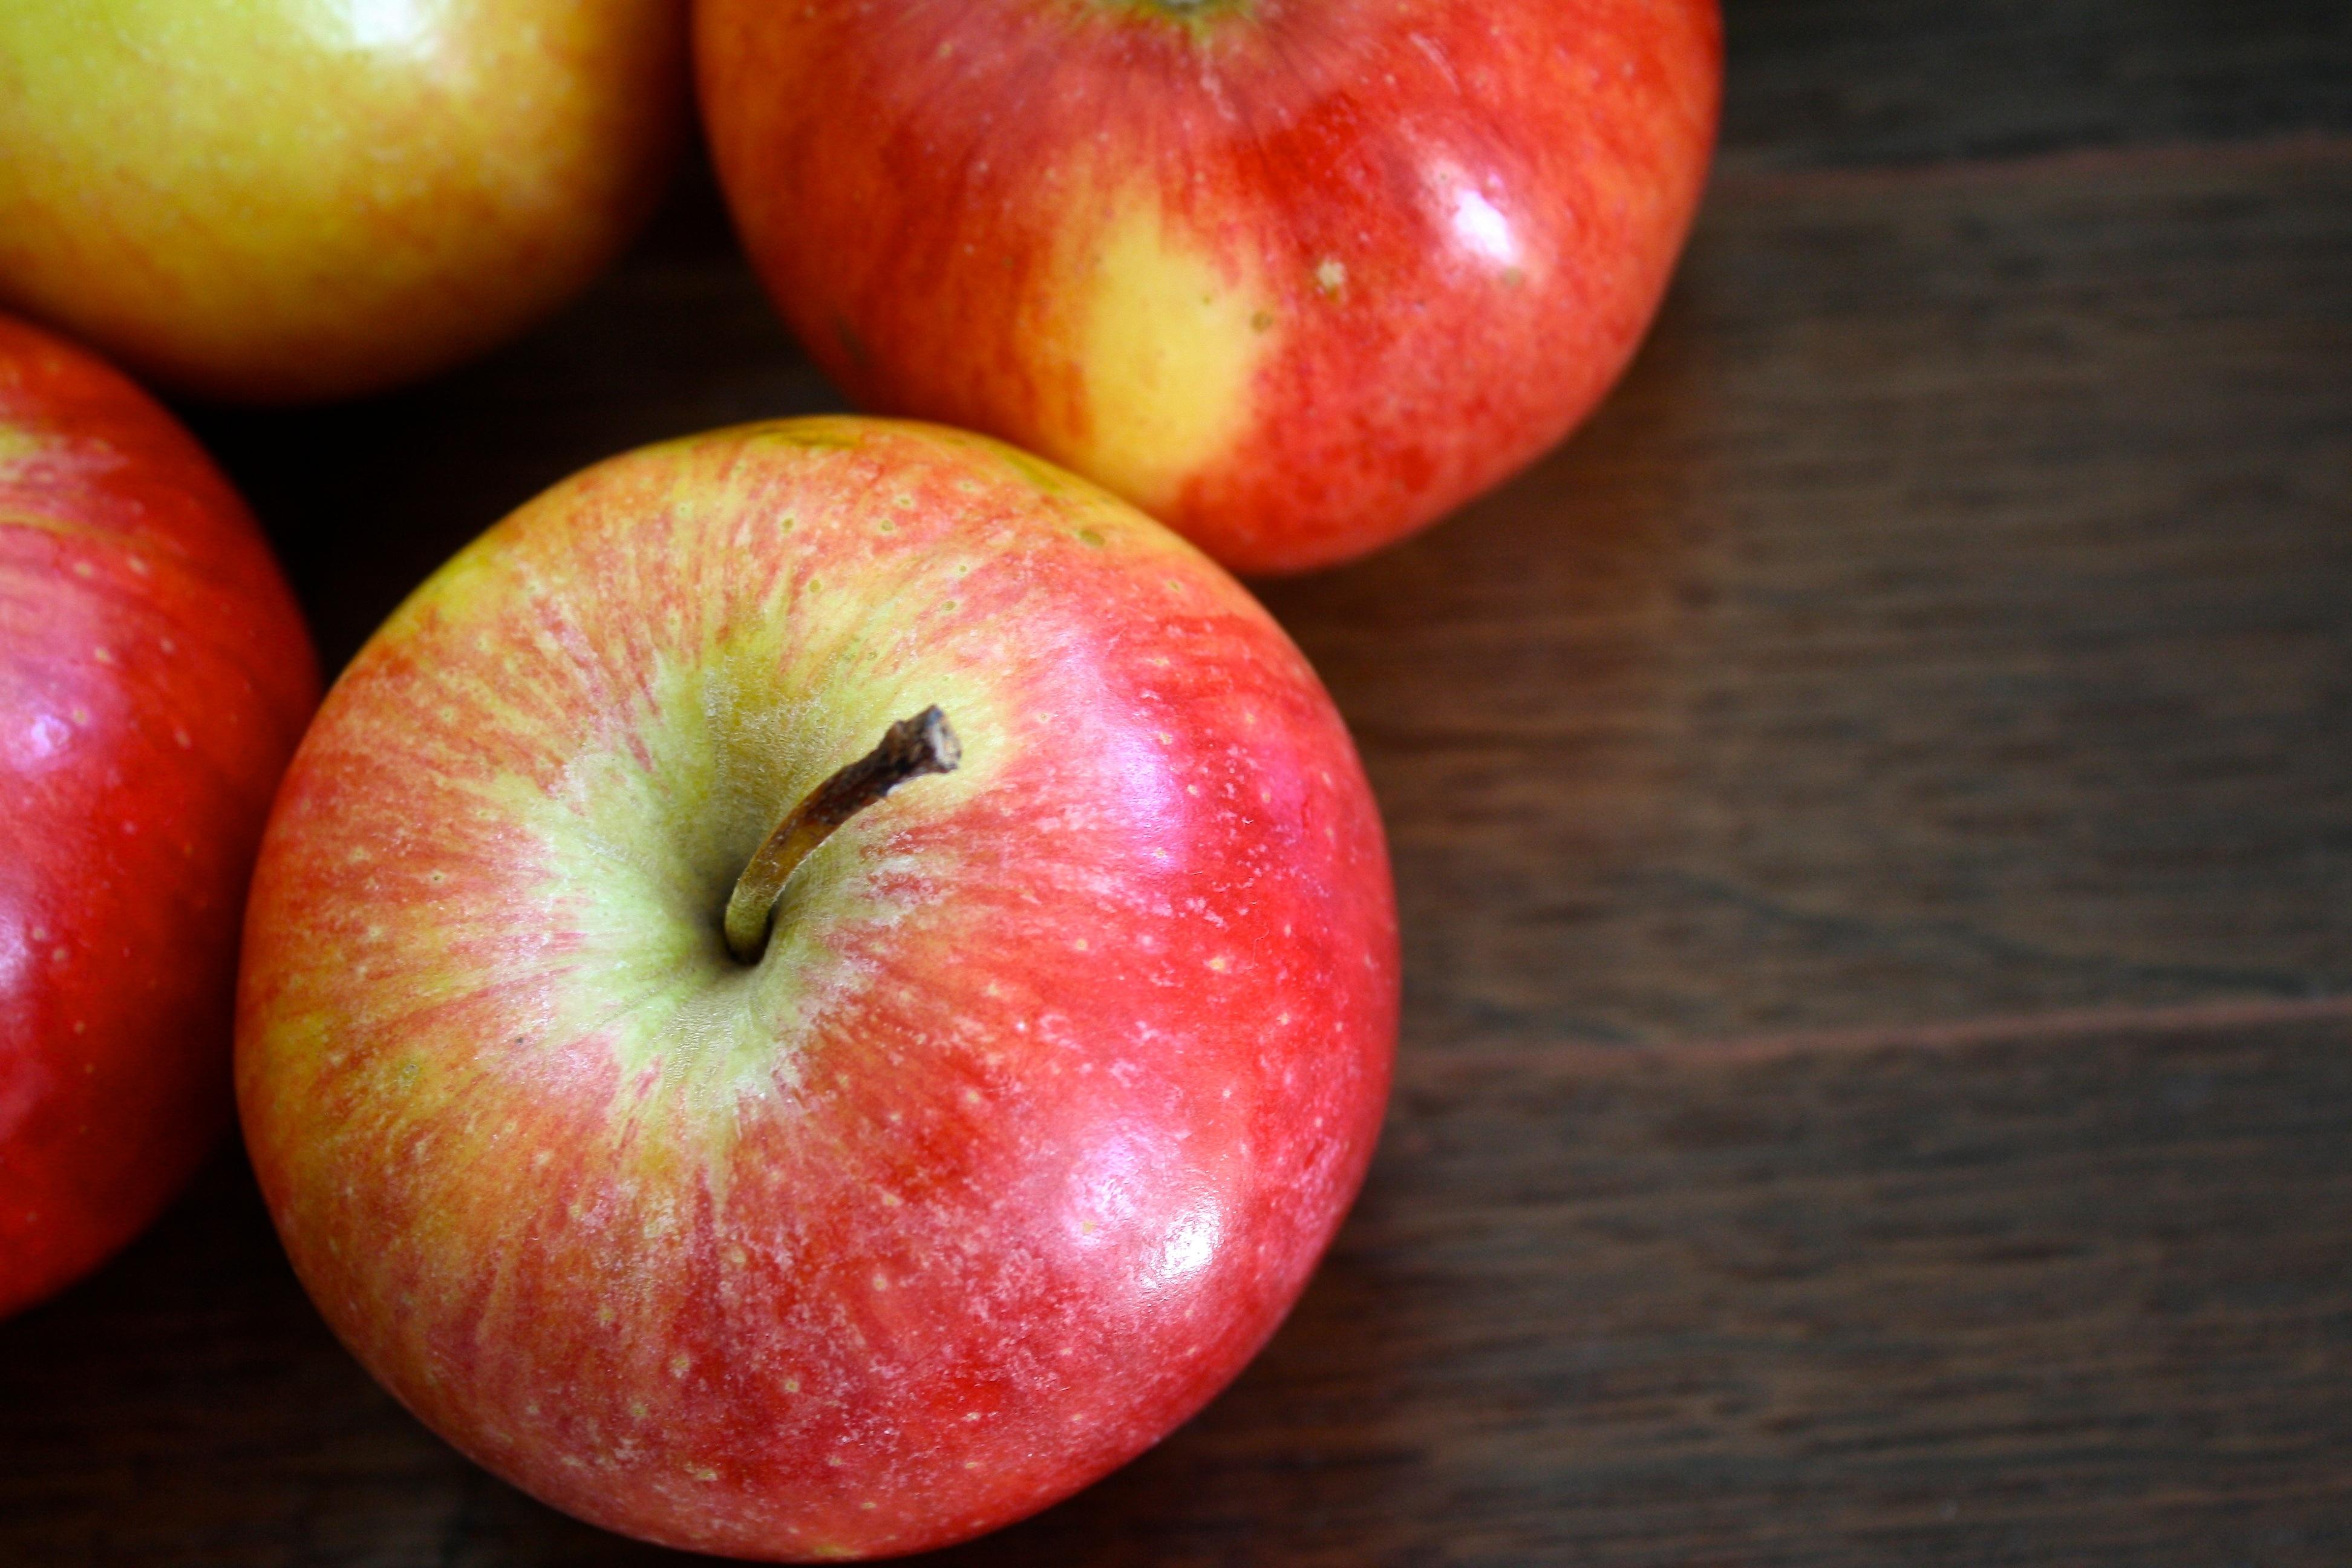 inside apples photos tumblr - HD1200×800